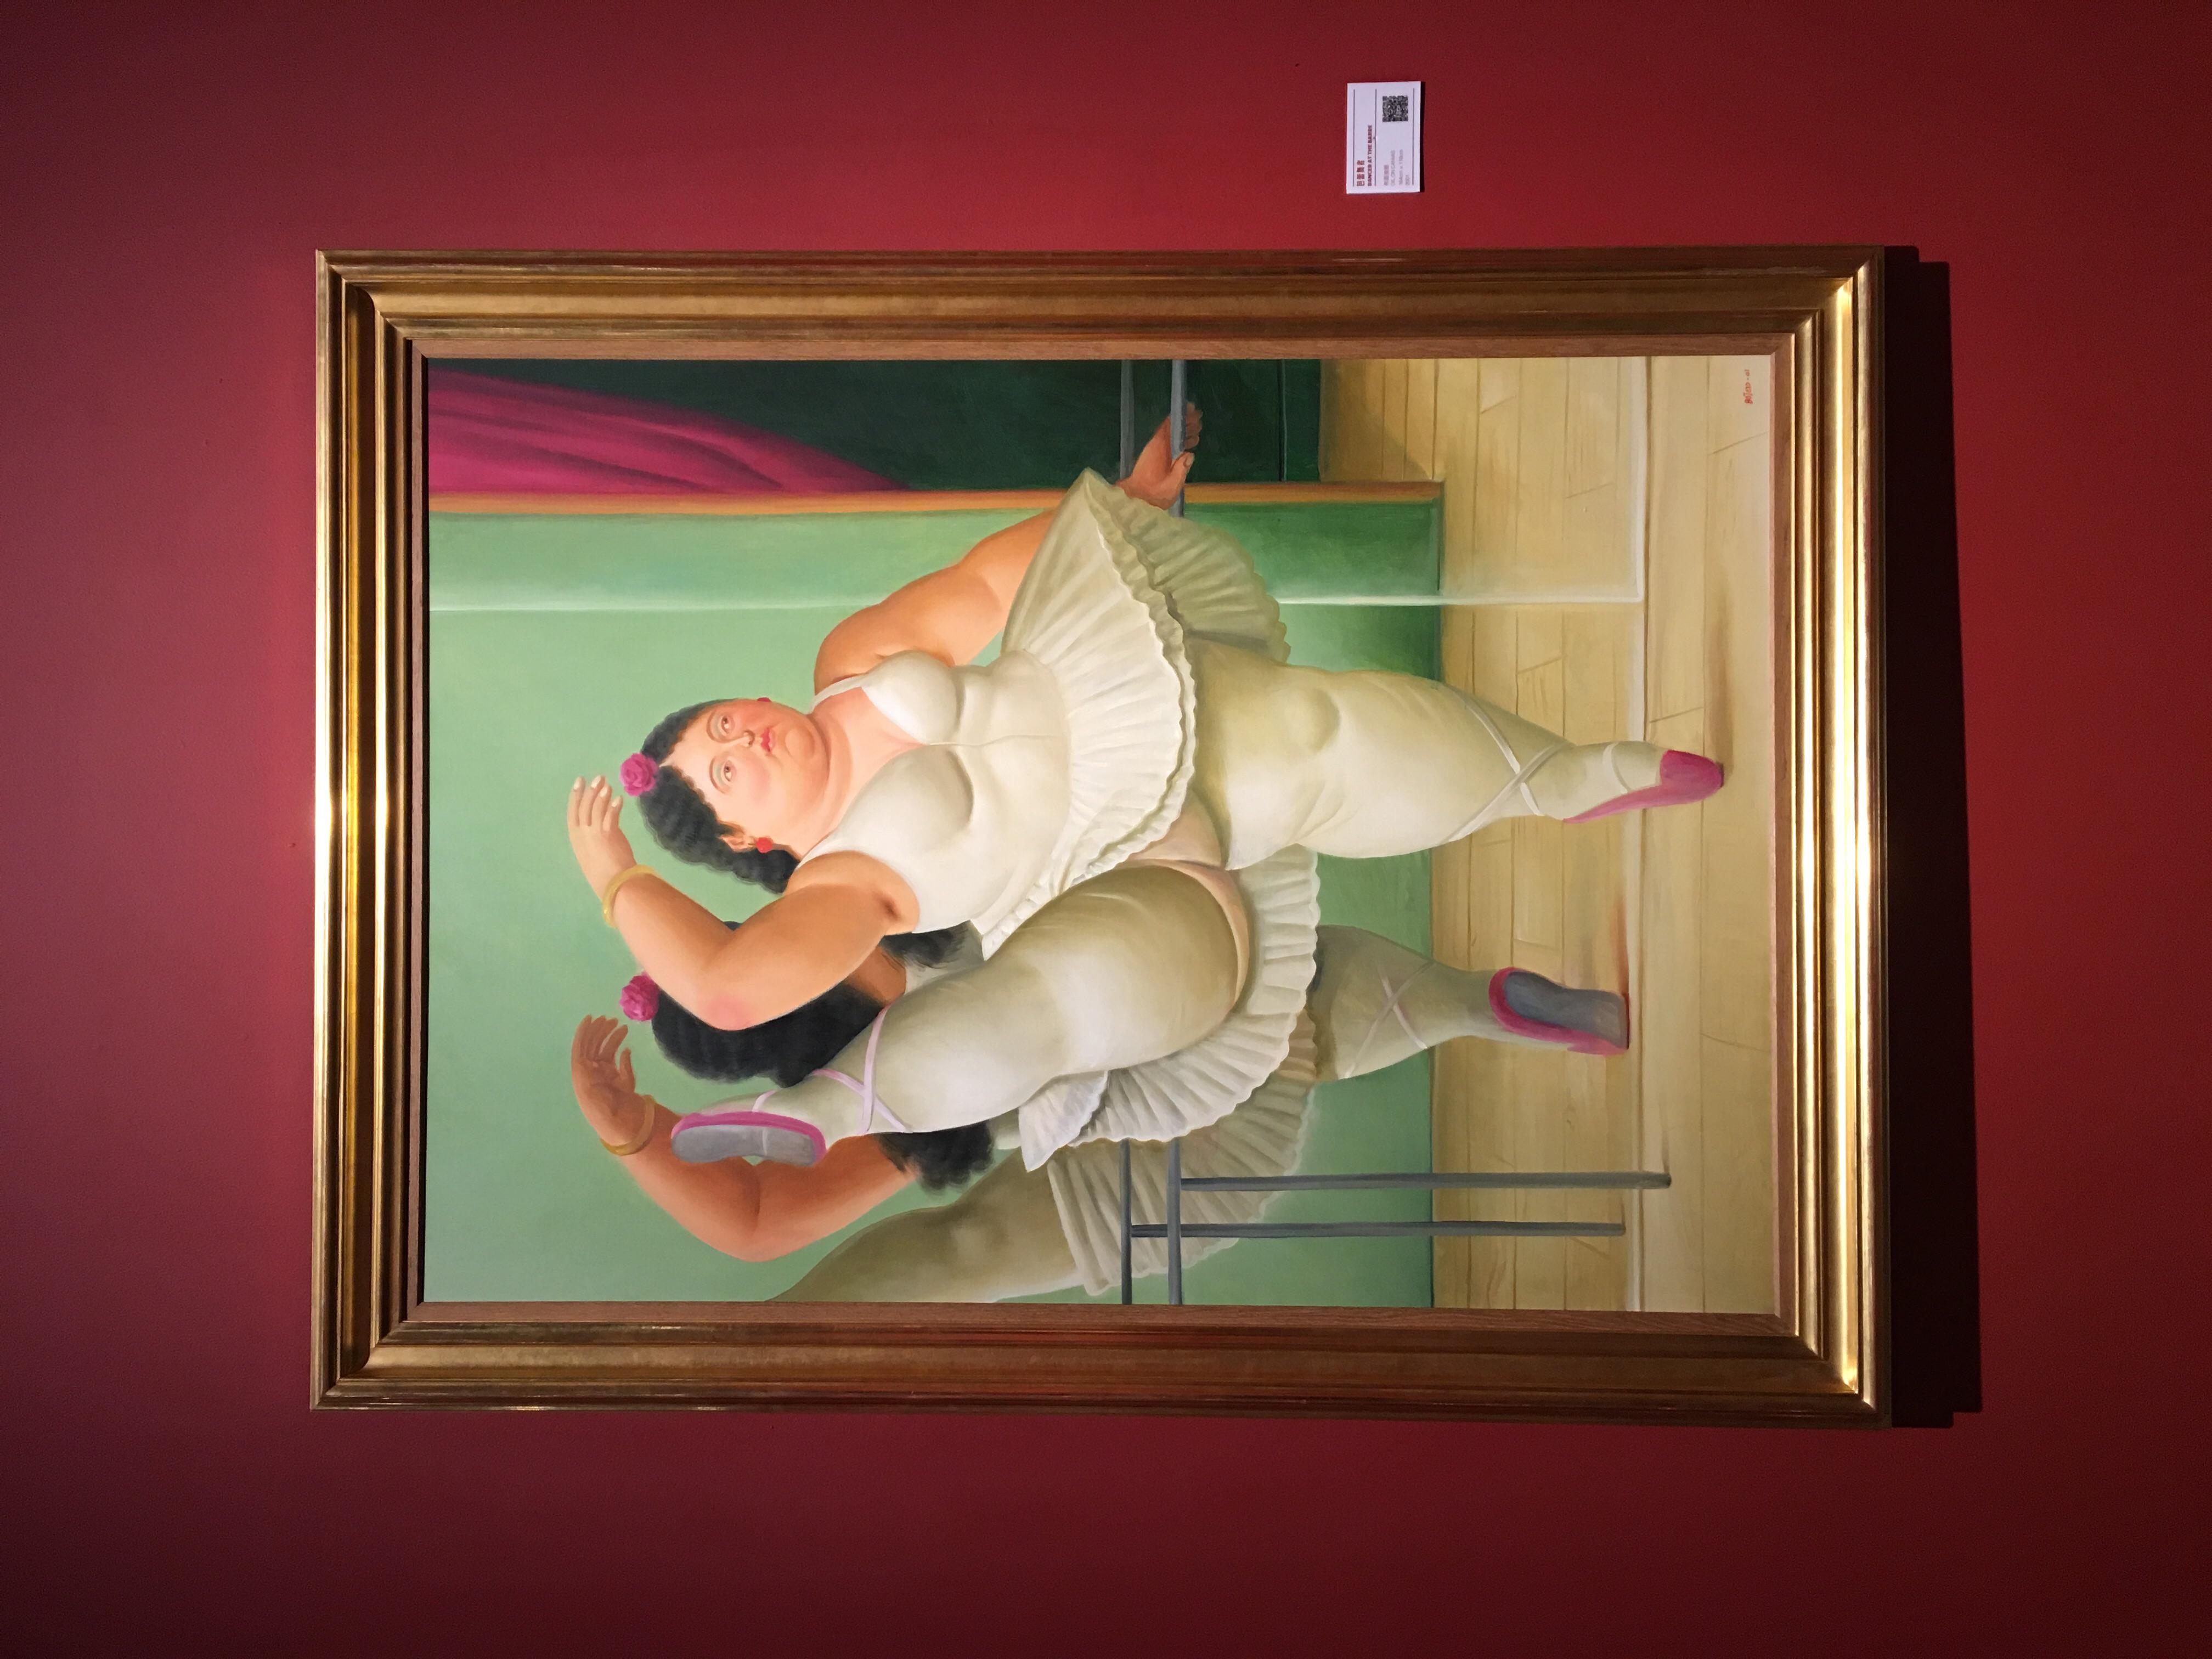 """这些看似笔触简单心思单纯的可爱的""""胖子"""",实际上蕴含了画家对于生活"""